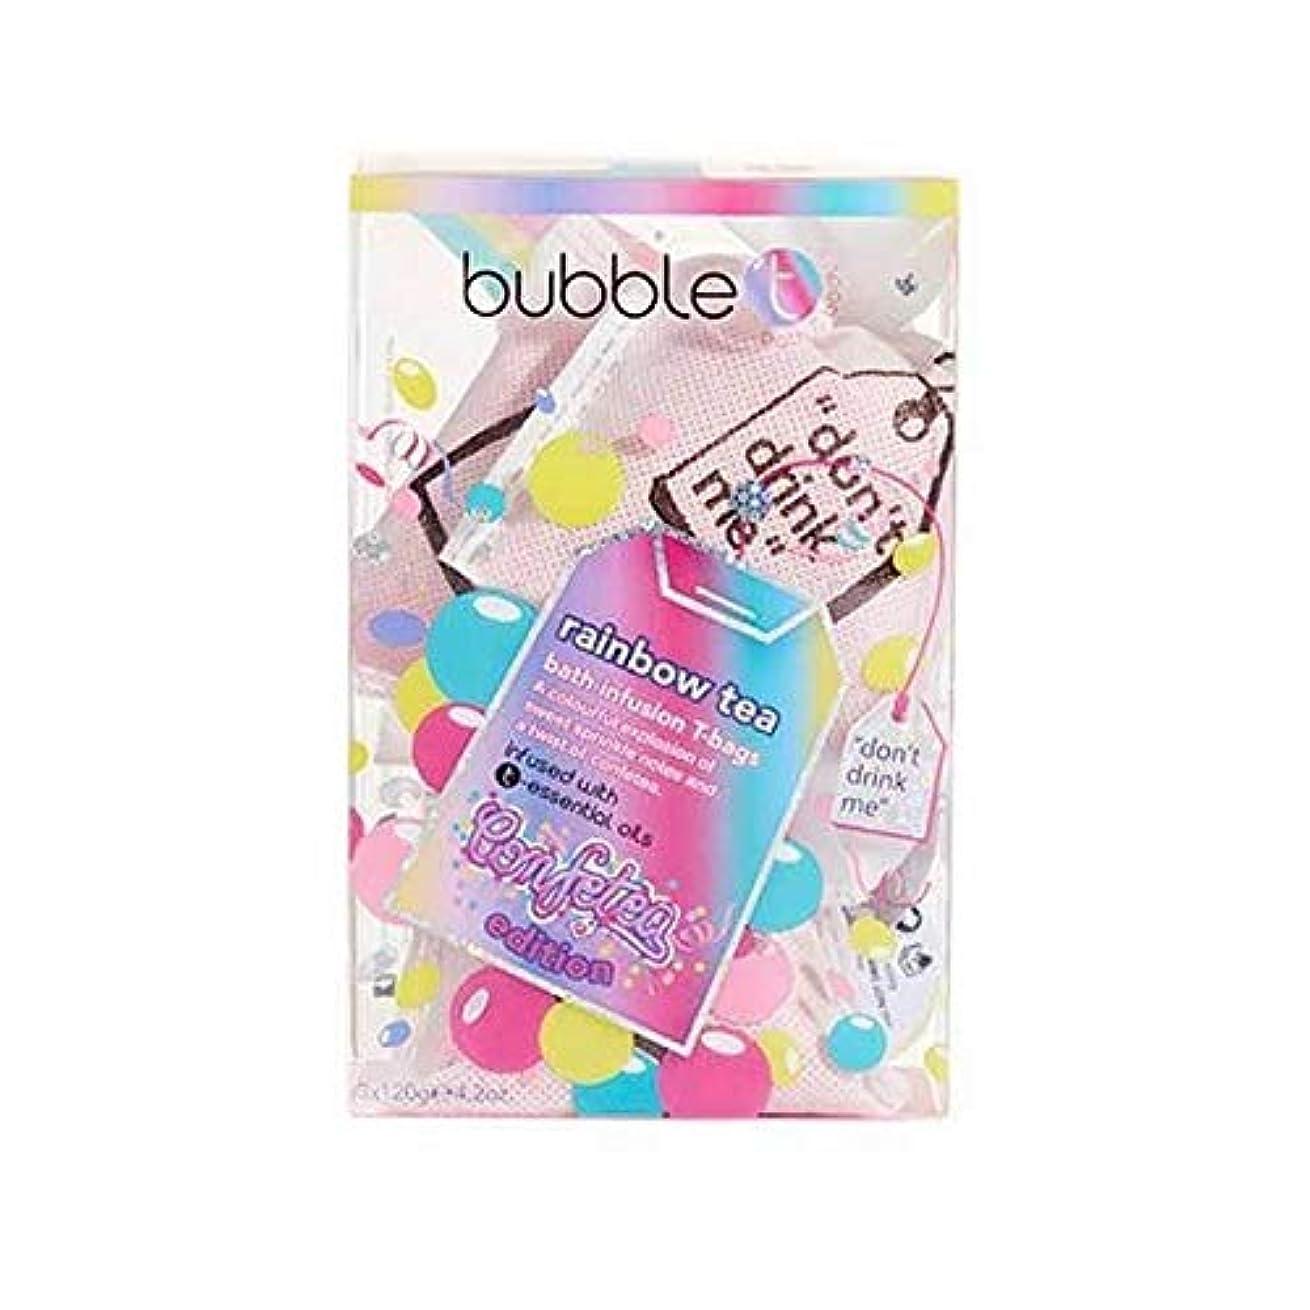 束明らかに環境保護主義者[Bubble T ] バブルトンの化粧品 - 入浴輸液ティーバッグ虹のお茶 - Bubble T Cosmetics - Bath infusion tea bags Rainbow tea [並行輸入品]